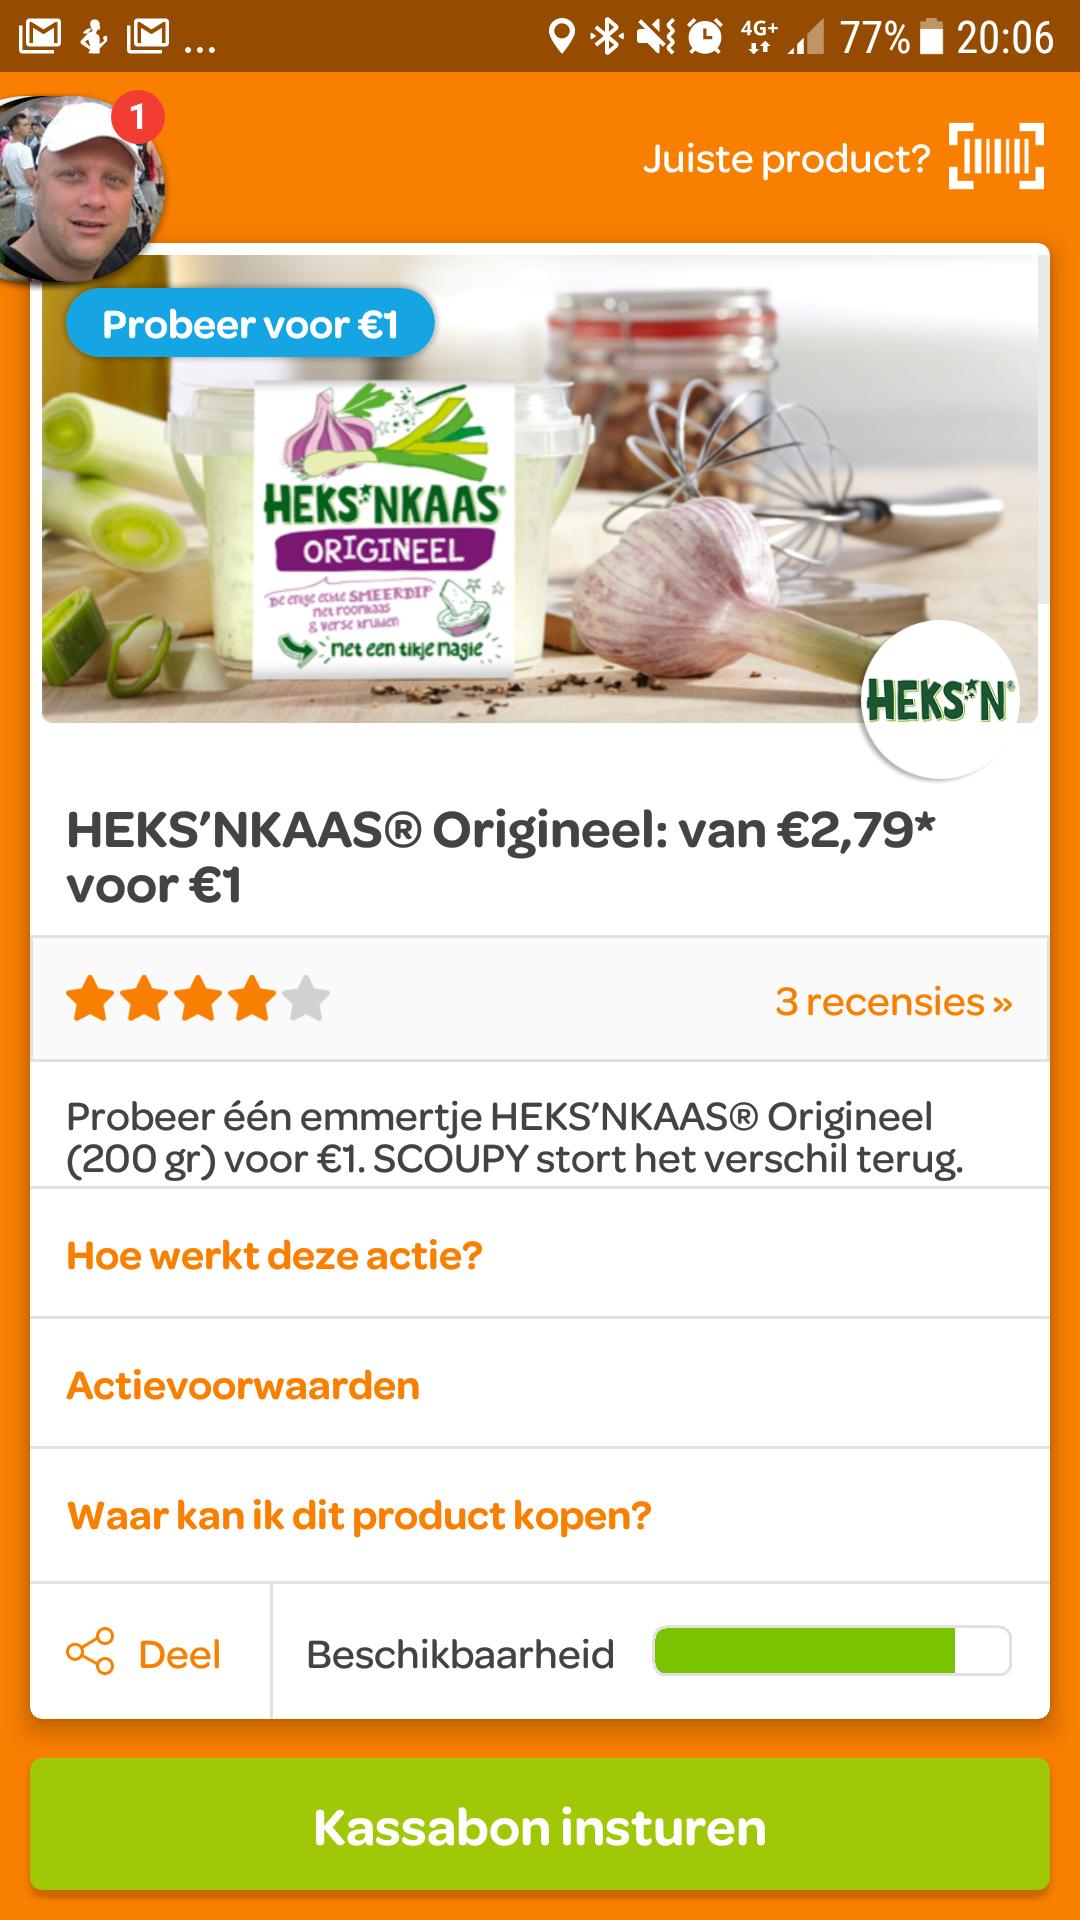 Probeer heksenkaas orgineel van 2.79 voor 1 euro